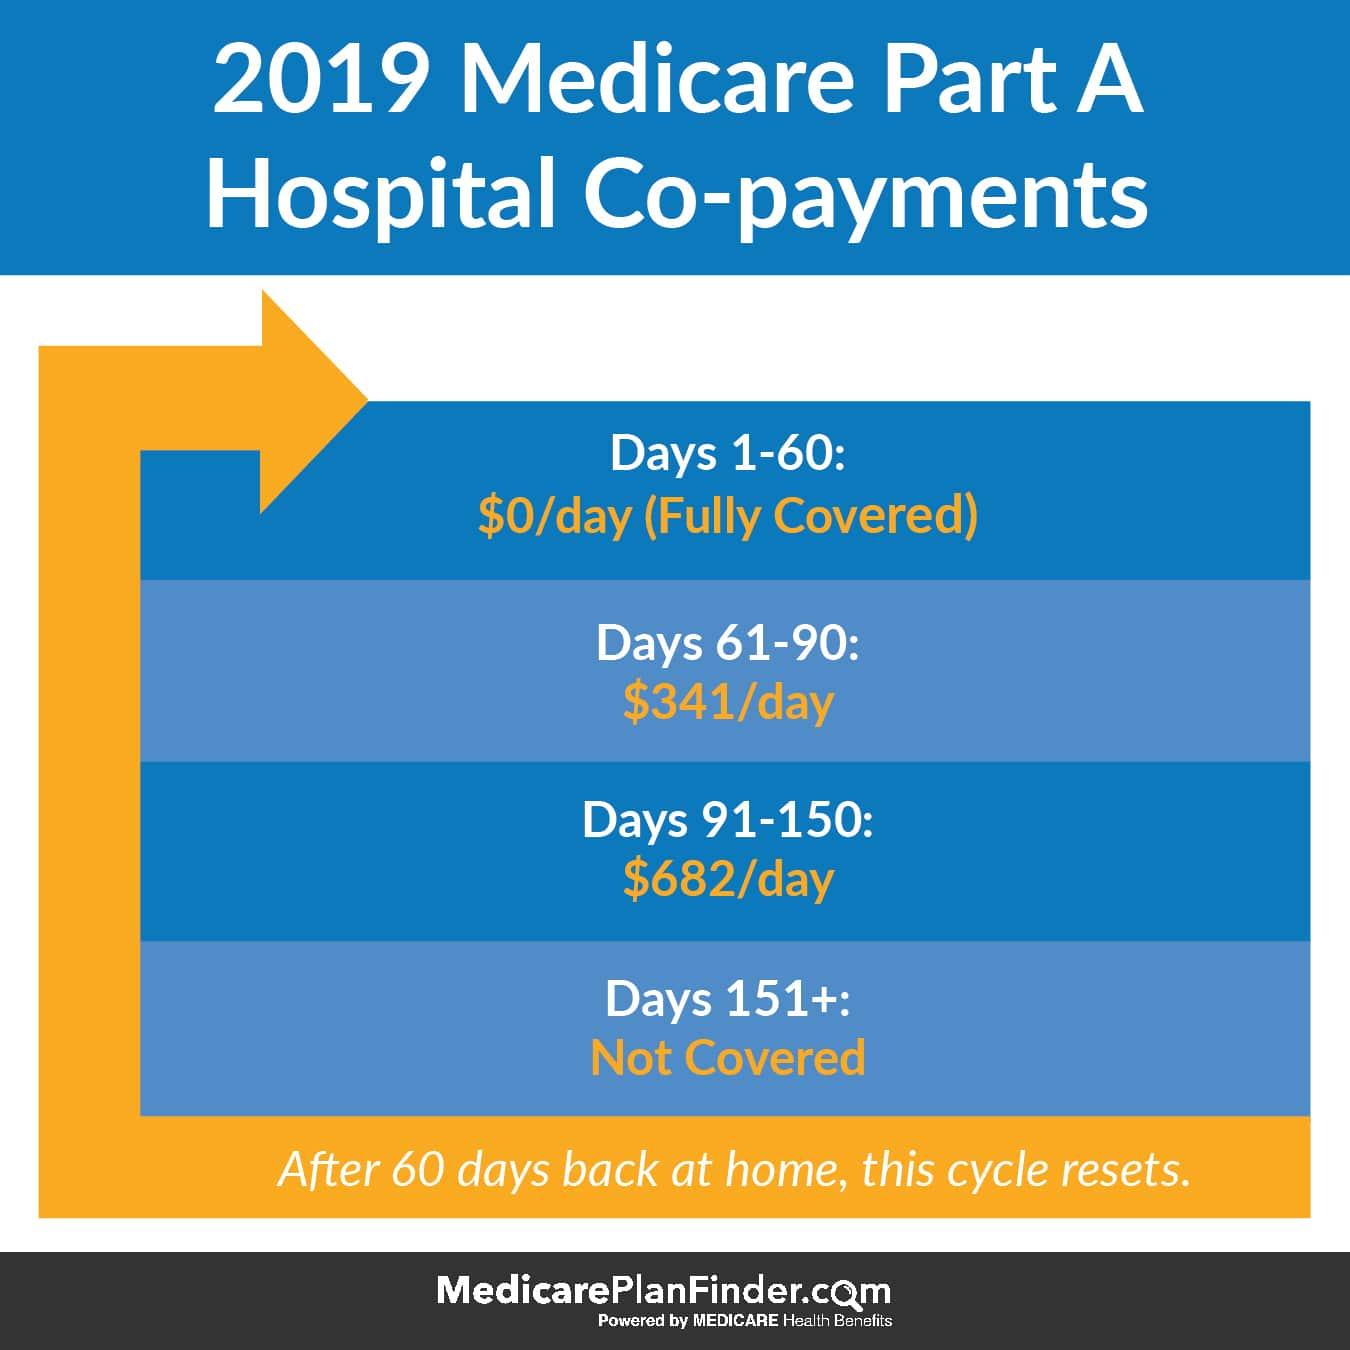 Medicare Part A Hospital Copayments | Medicare Plan Finder